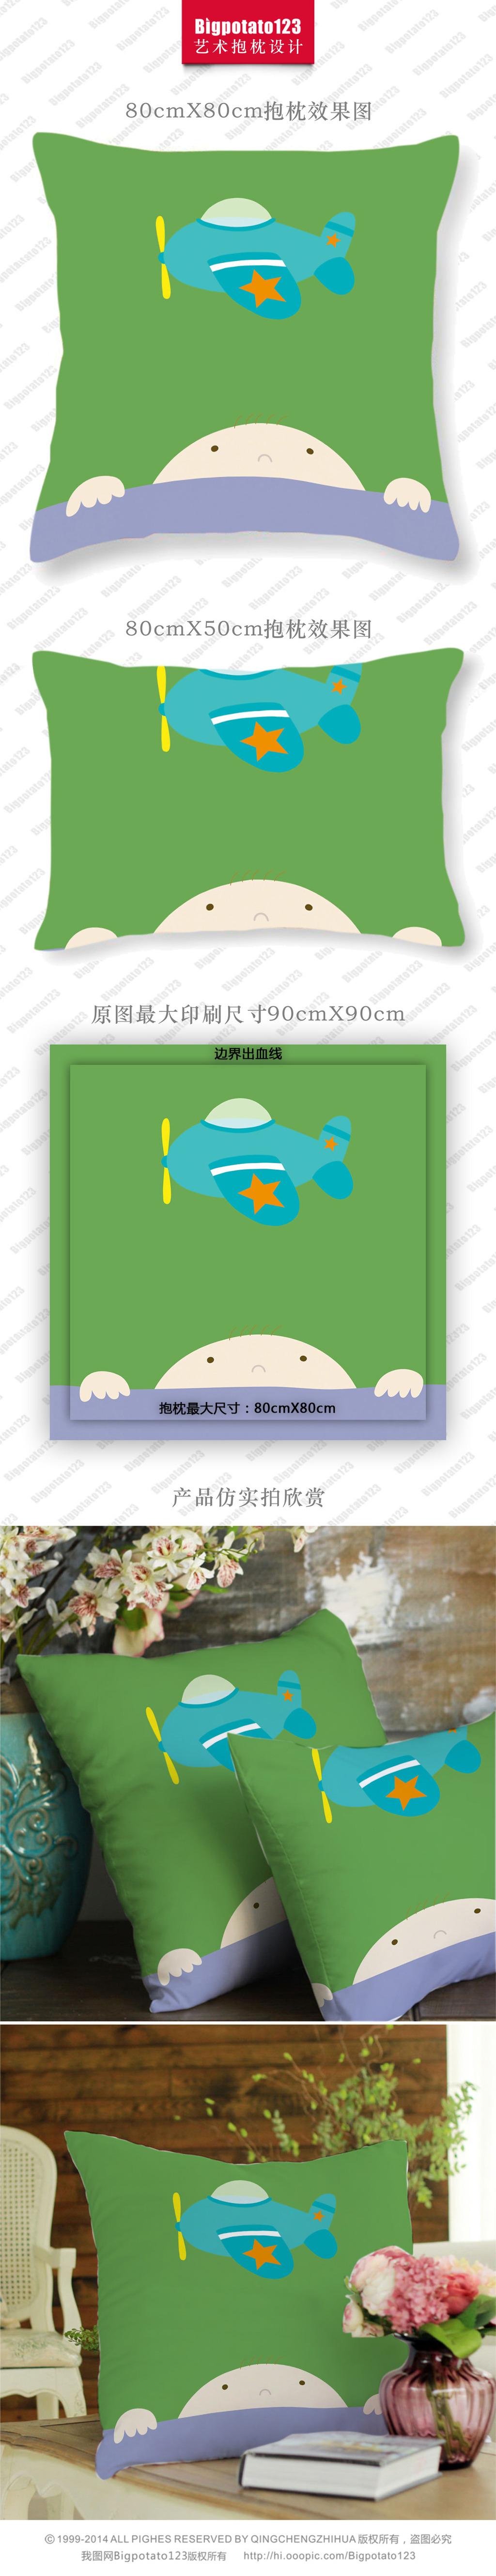 可爱卡通儿童小婴儿看飞机艺术抱枕设计